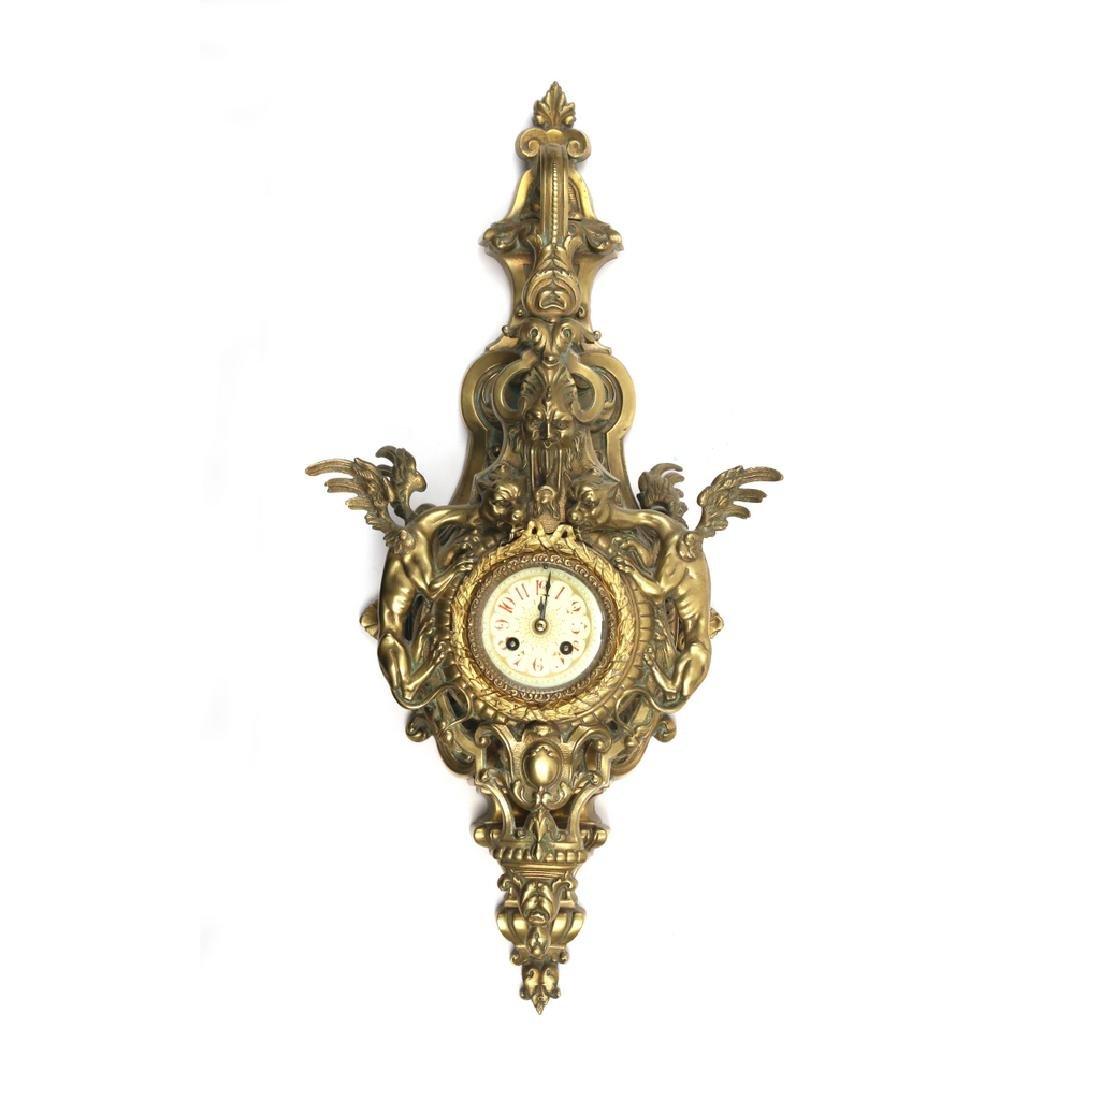 GILT BRONZE CARTEL CLOCK